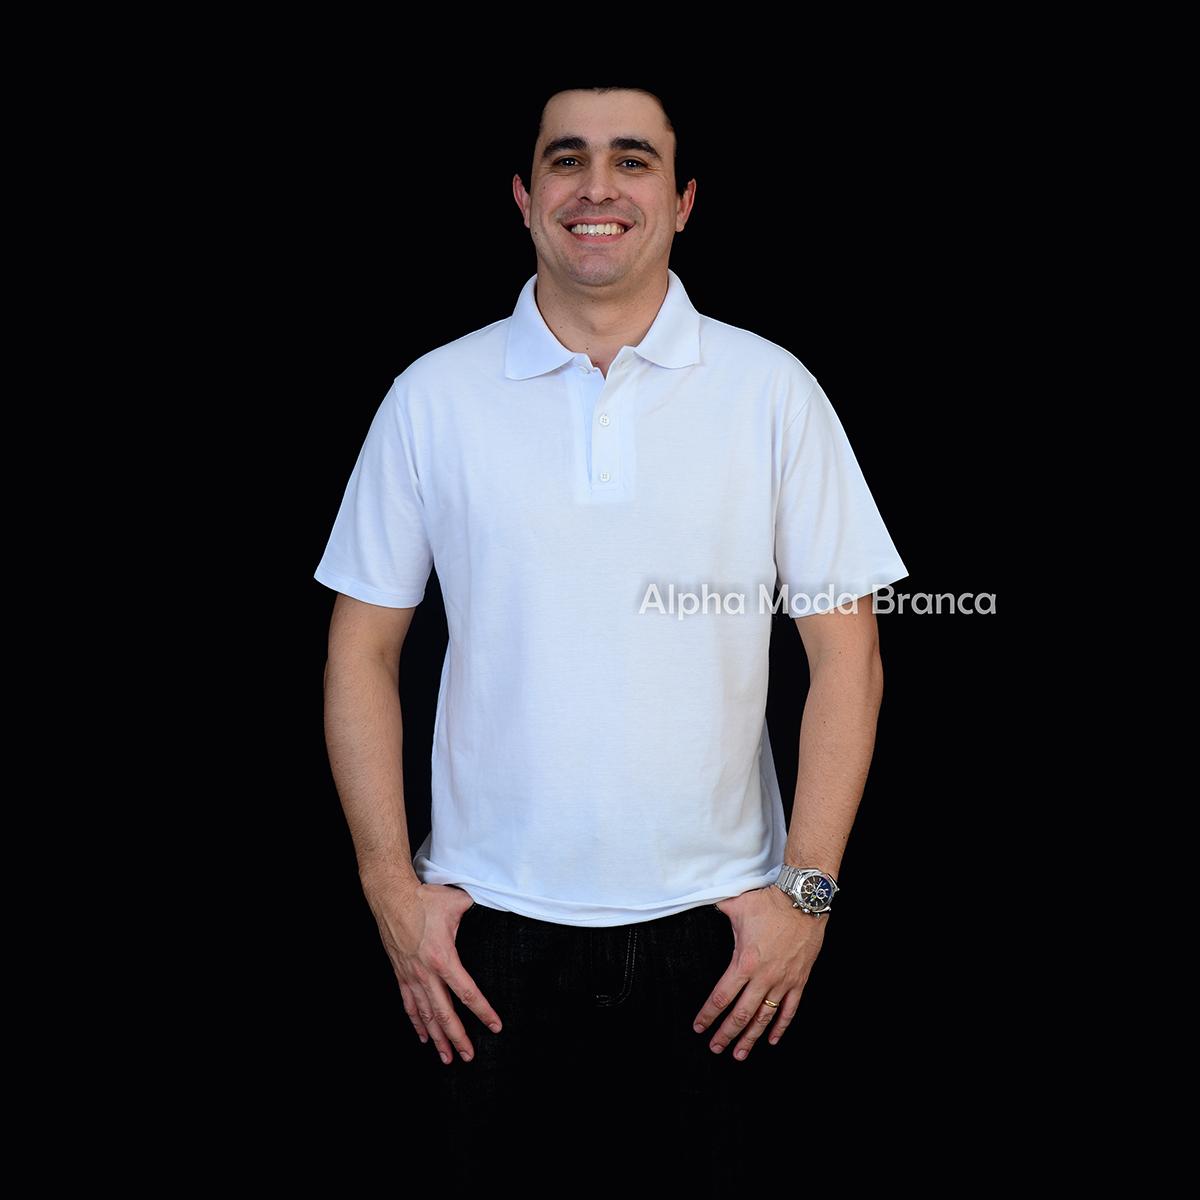 Camisetas para Sublimacao  Camisa Polo - Piquet 50% Poliester 50 ... 5dffc8007b06d